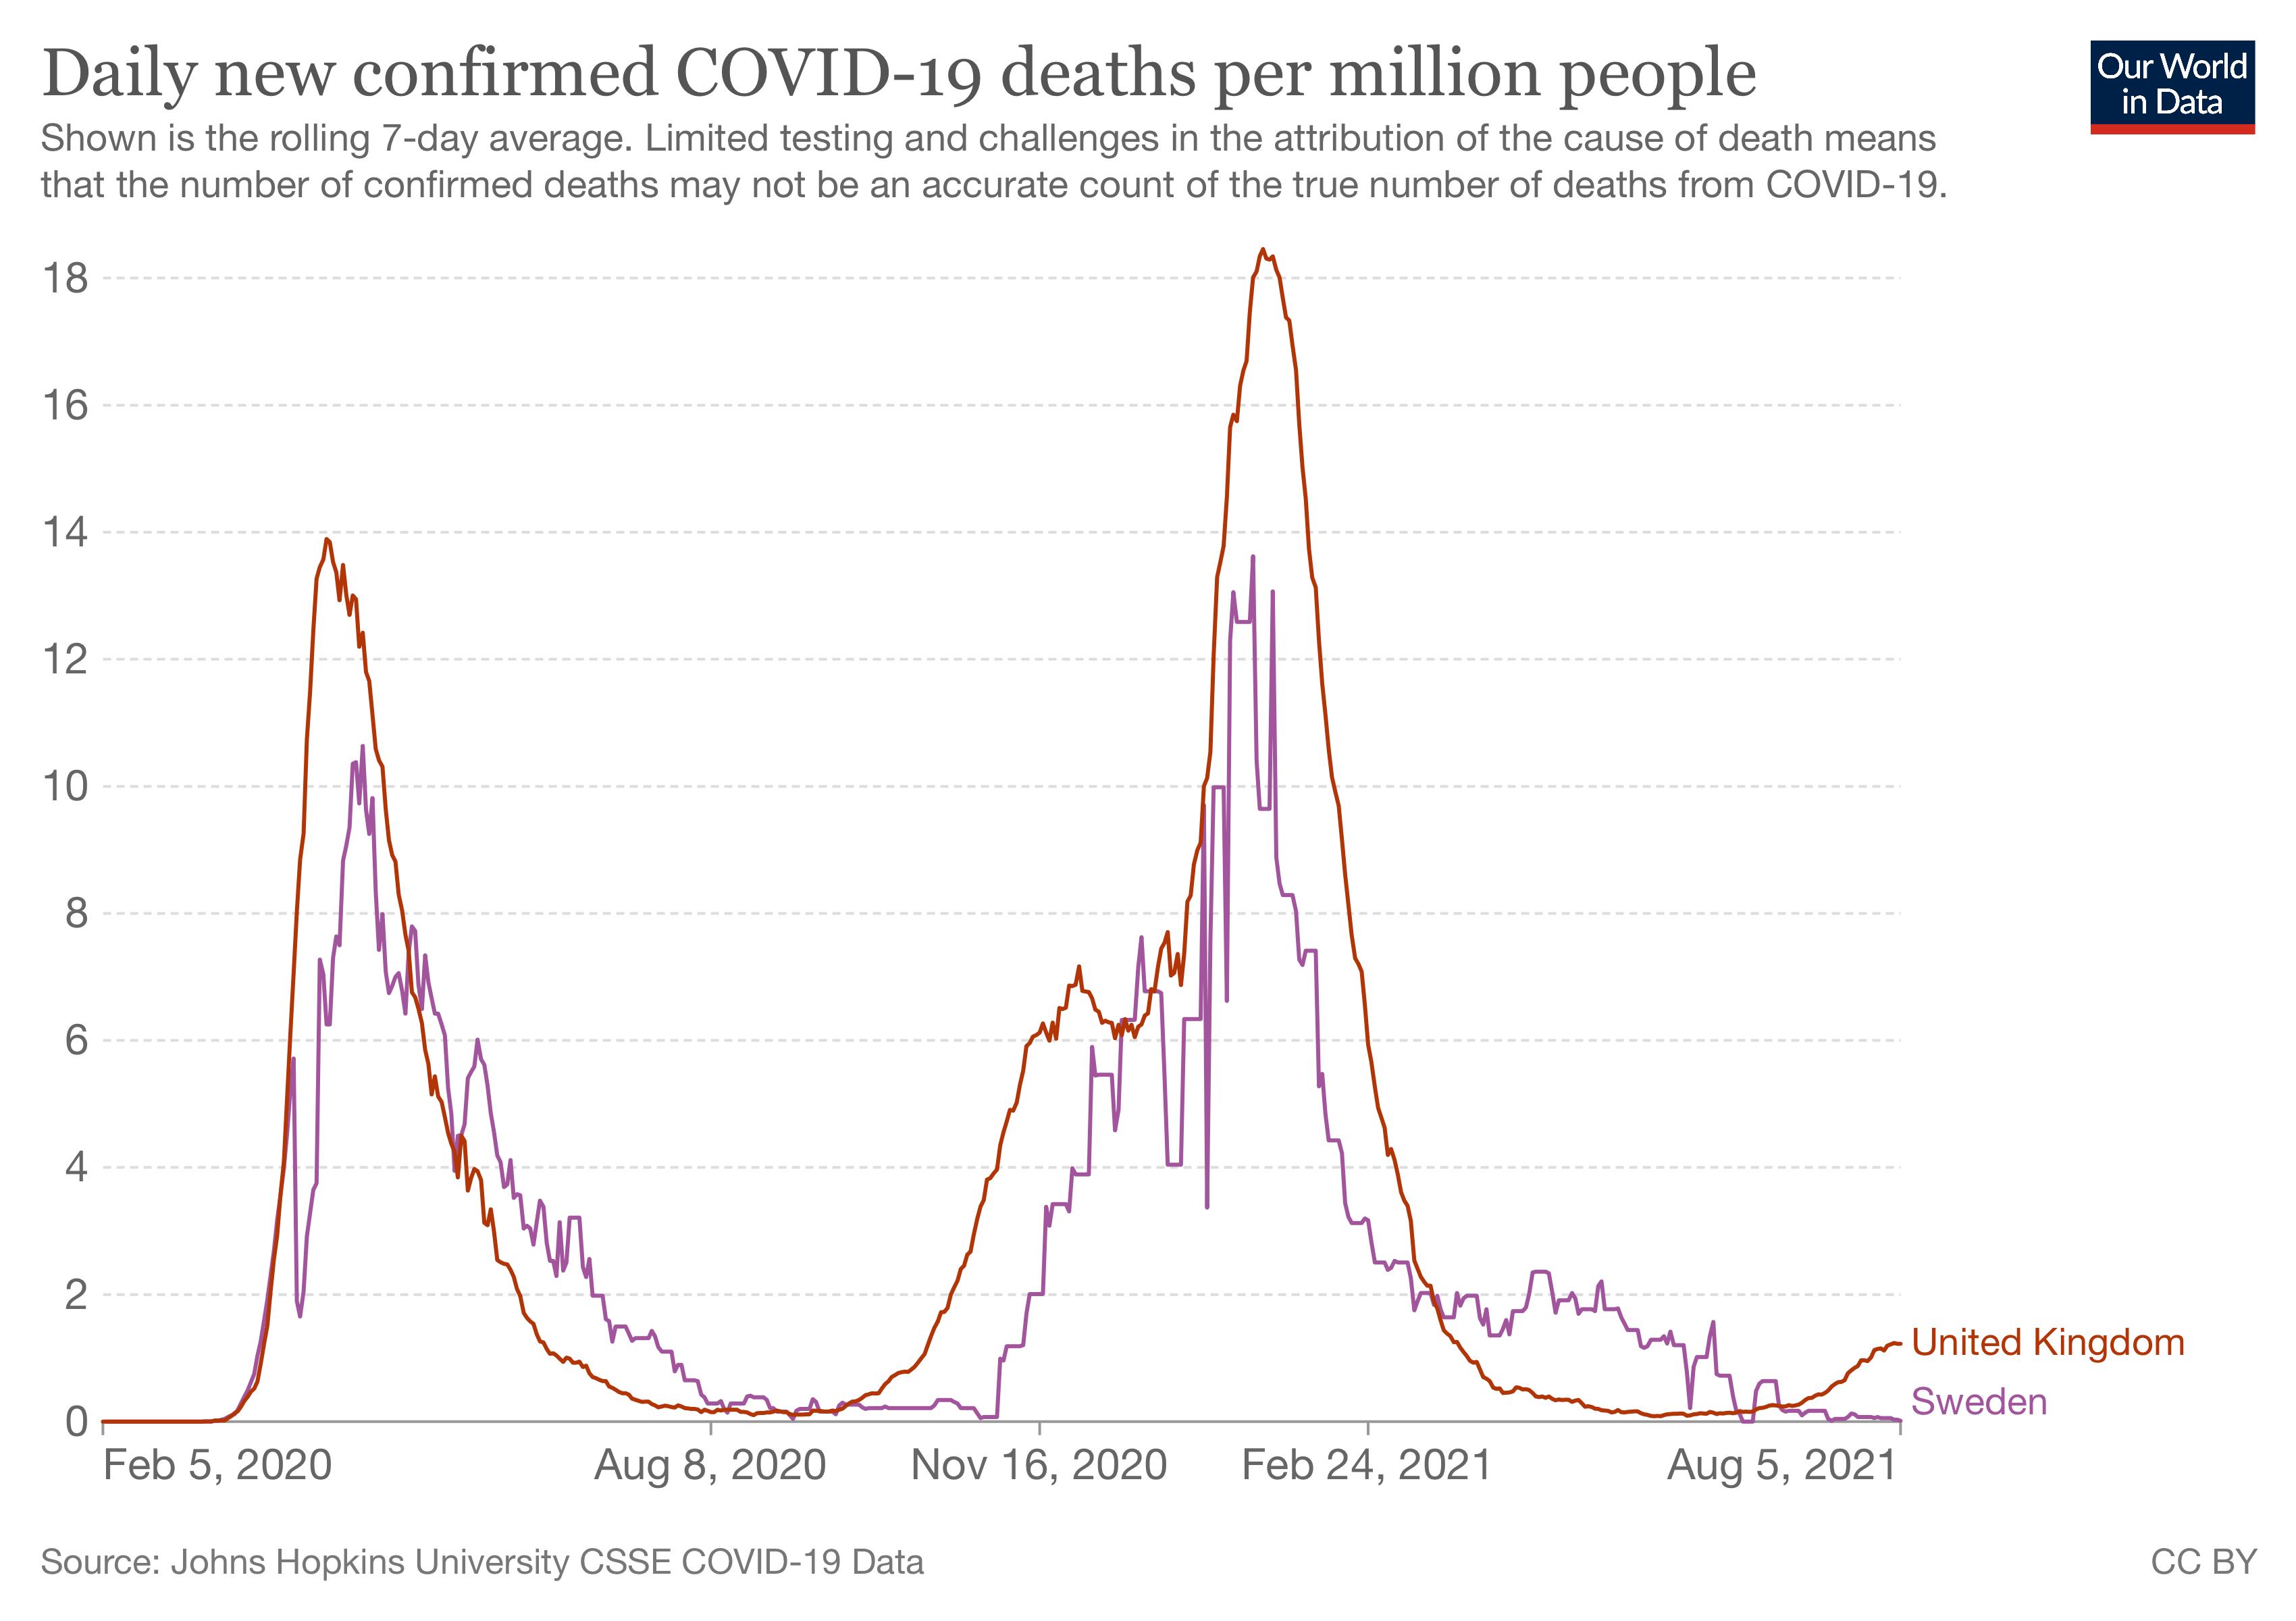 Tägliche bestätigte COVID-19-Tote im Vereinigten Königreich und in Schweden